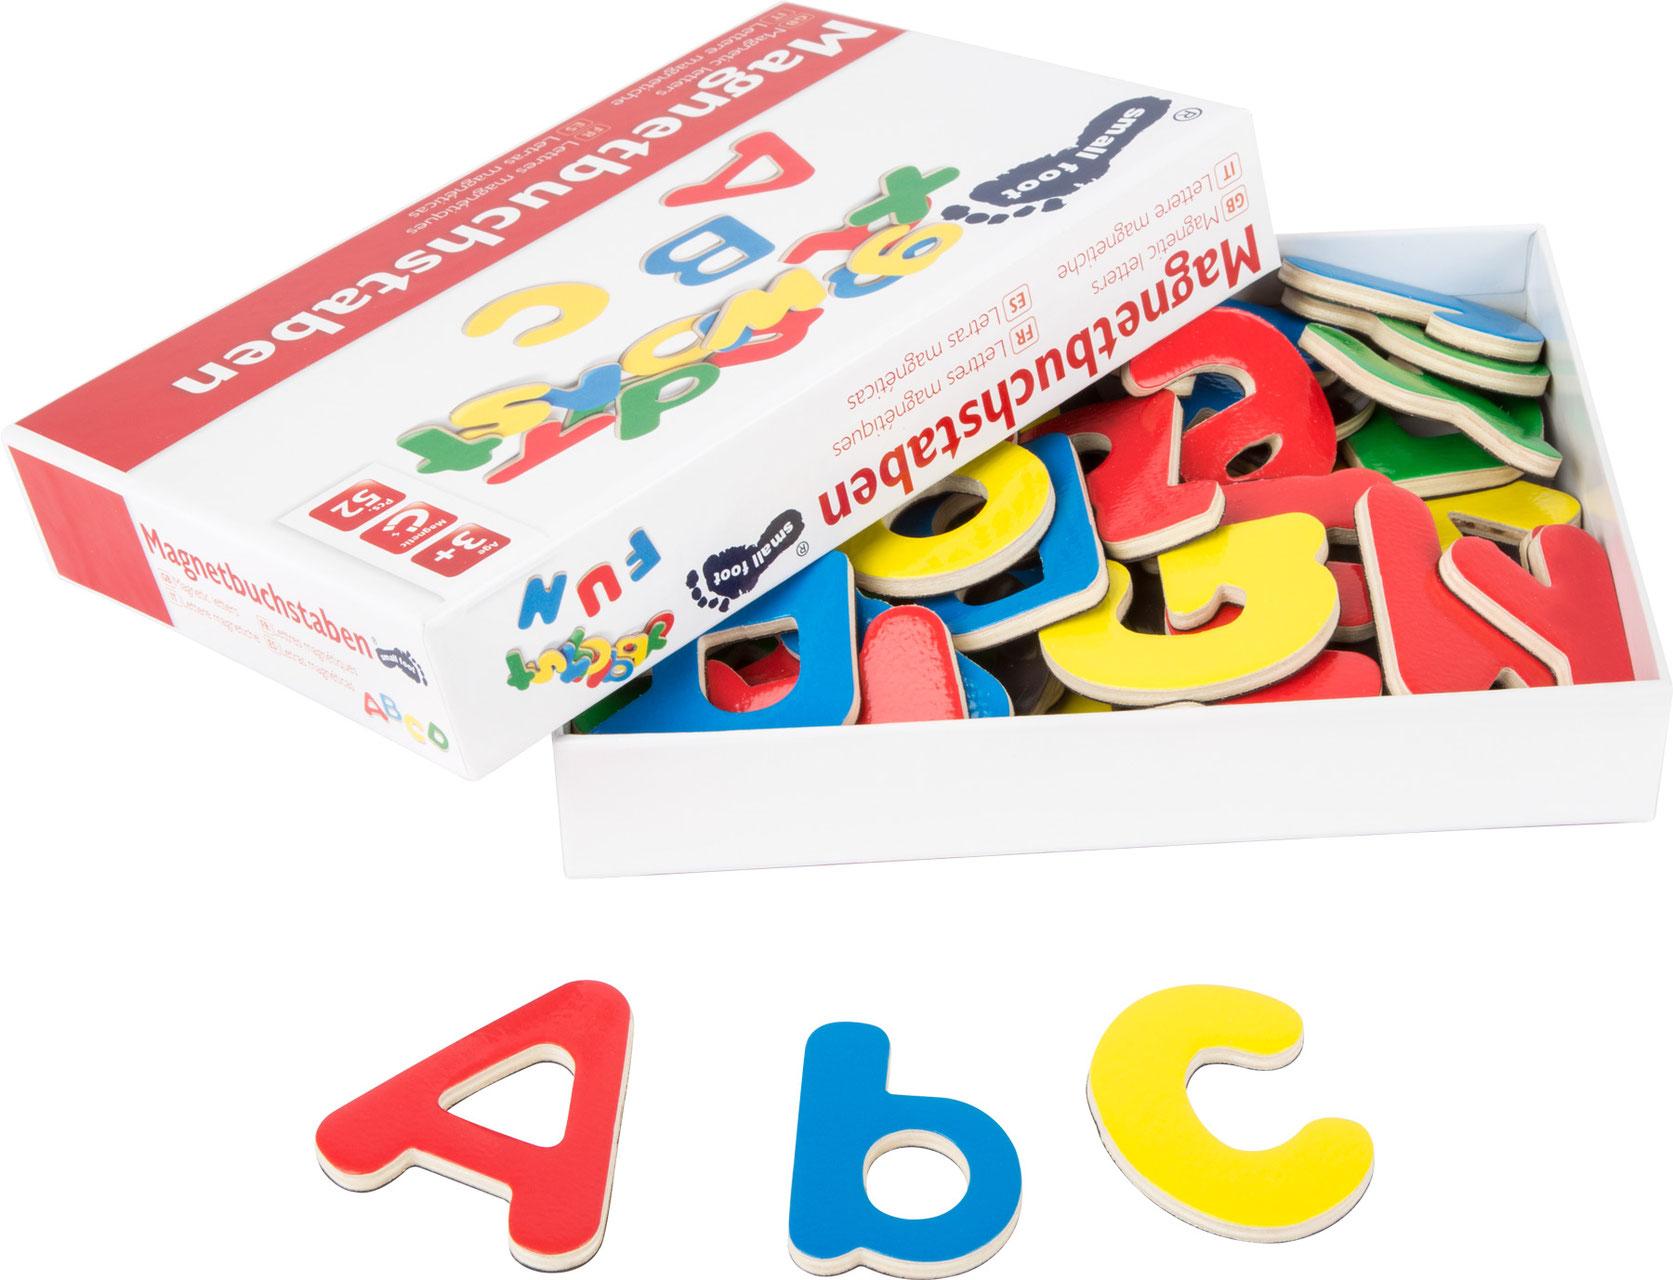 Lernspielzeug - happylino-Spielwaren.de